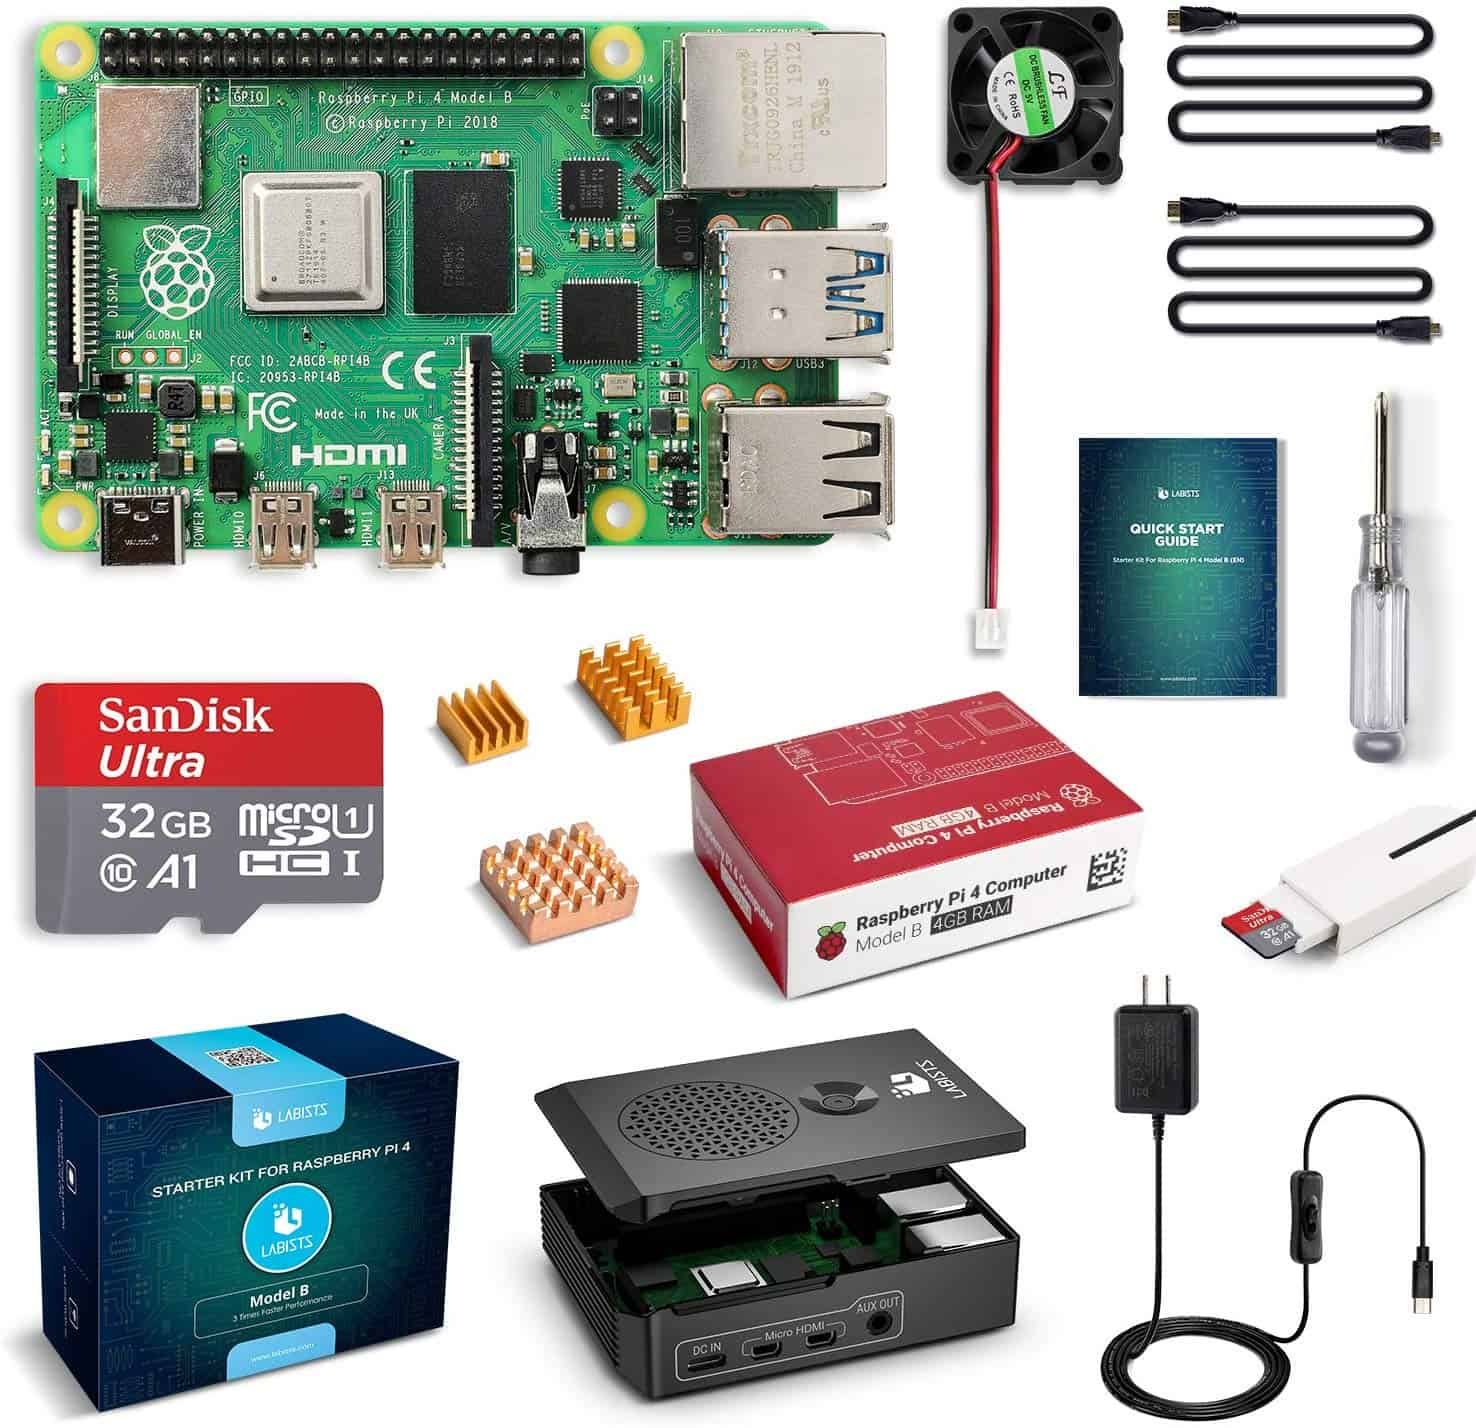 LABISTS Raspberry Pi 4 Complete Starter Kit